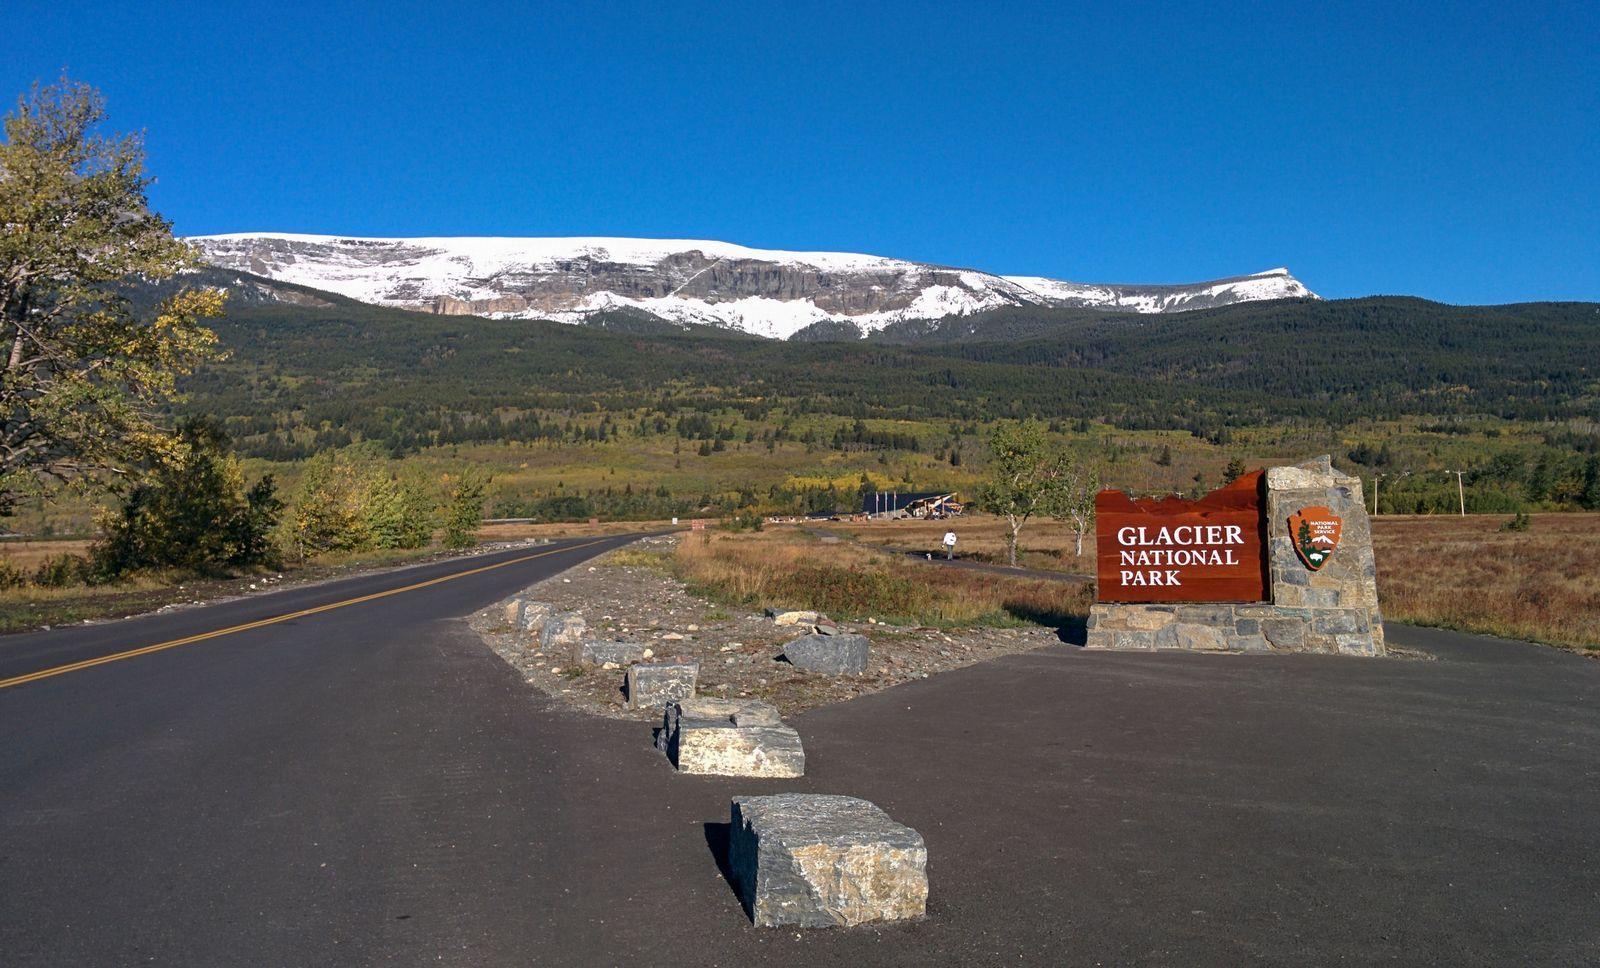 El acceso a Glacier National Park por St. Mary